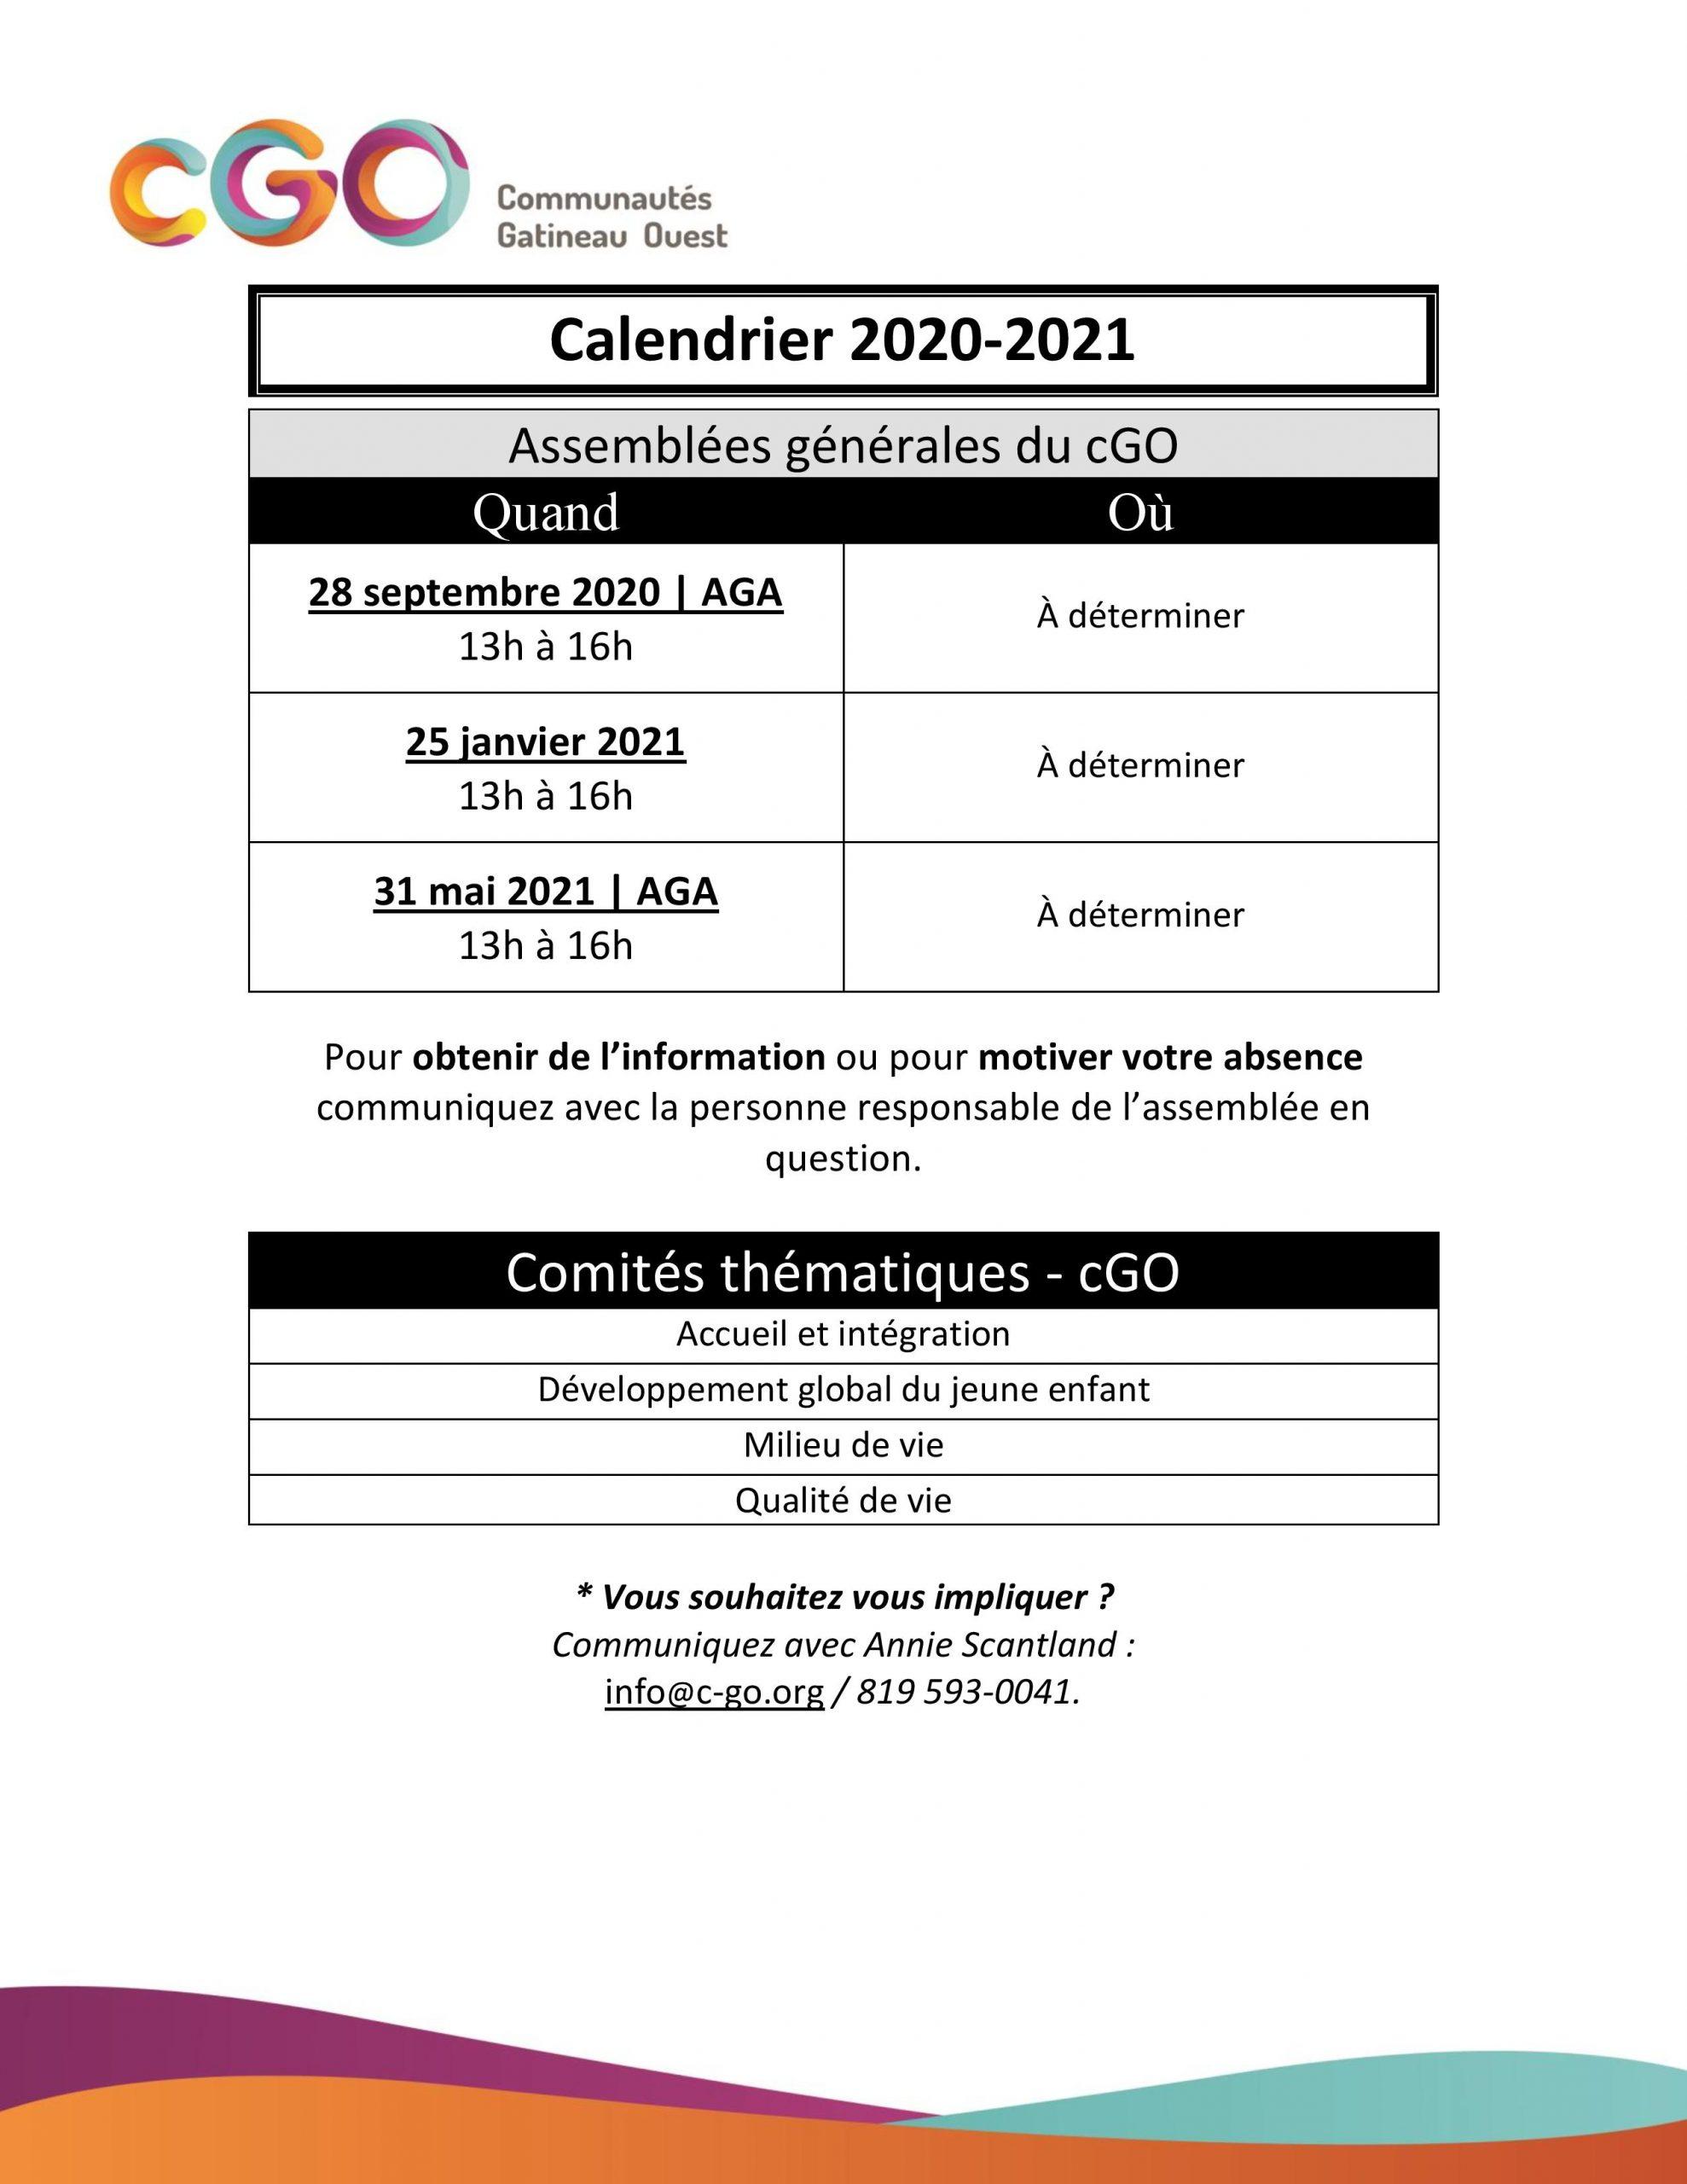 Calendrier des assemblées générales 2020 2021 — Communautés